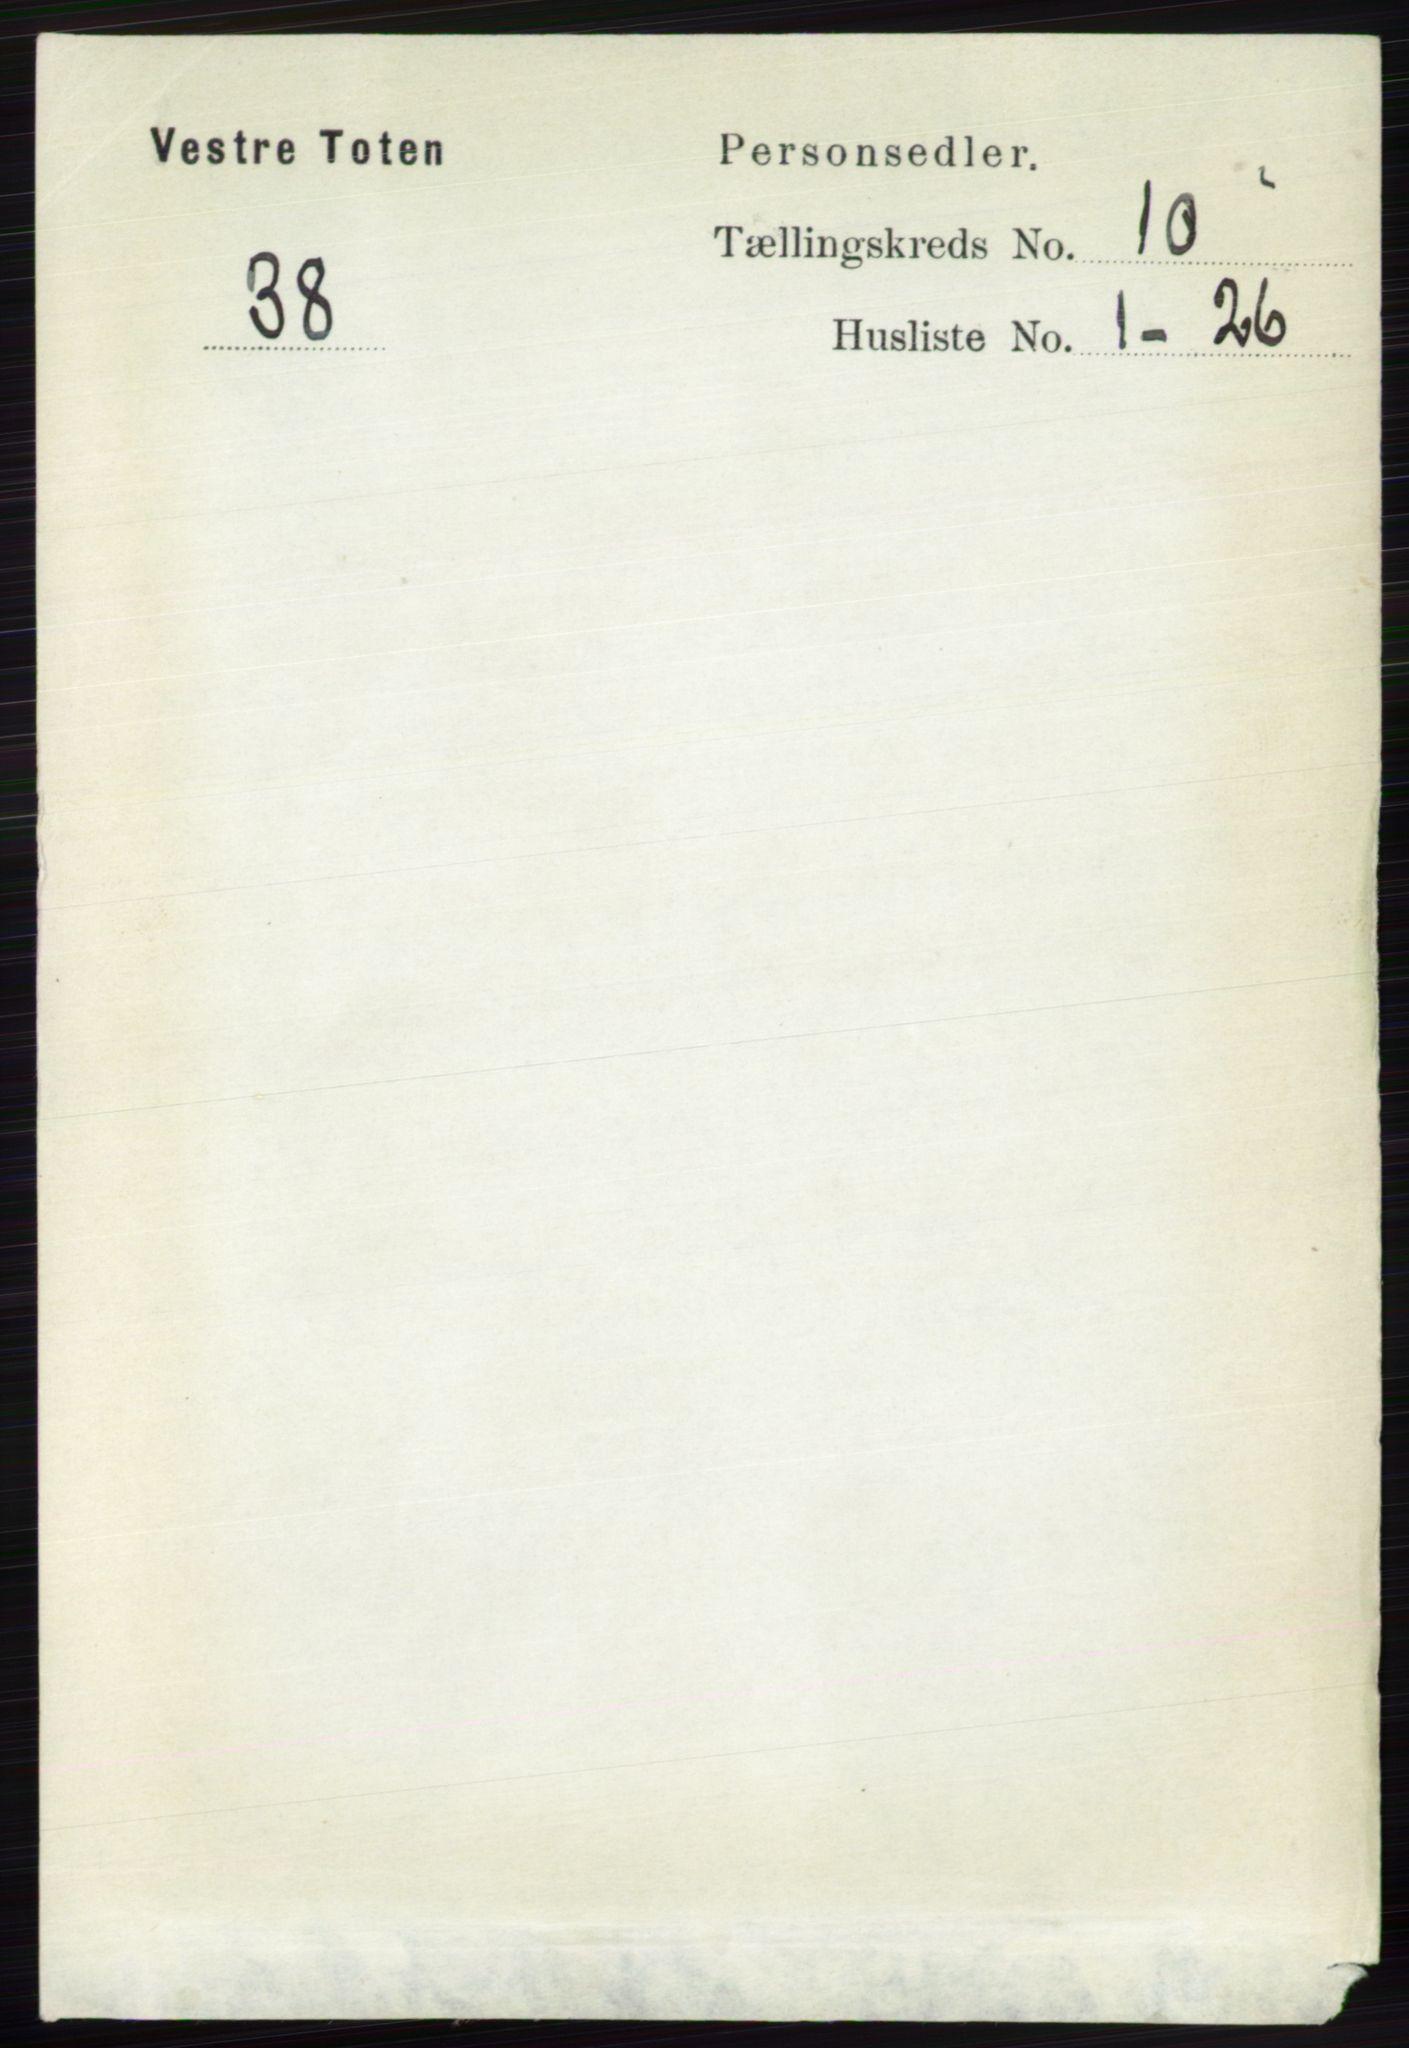 RA, Folketelling 1891 for 0529 Vestre Toten herred, 1891, s. 6184